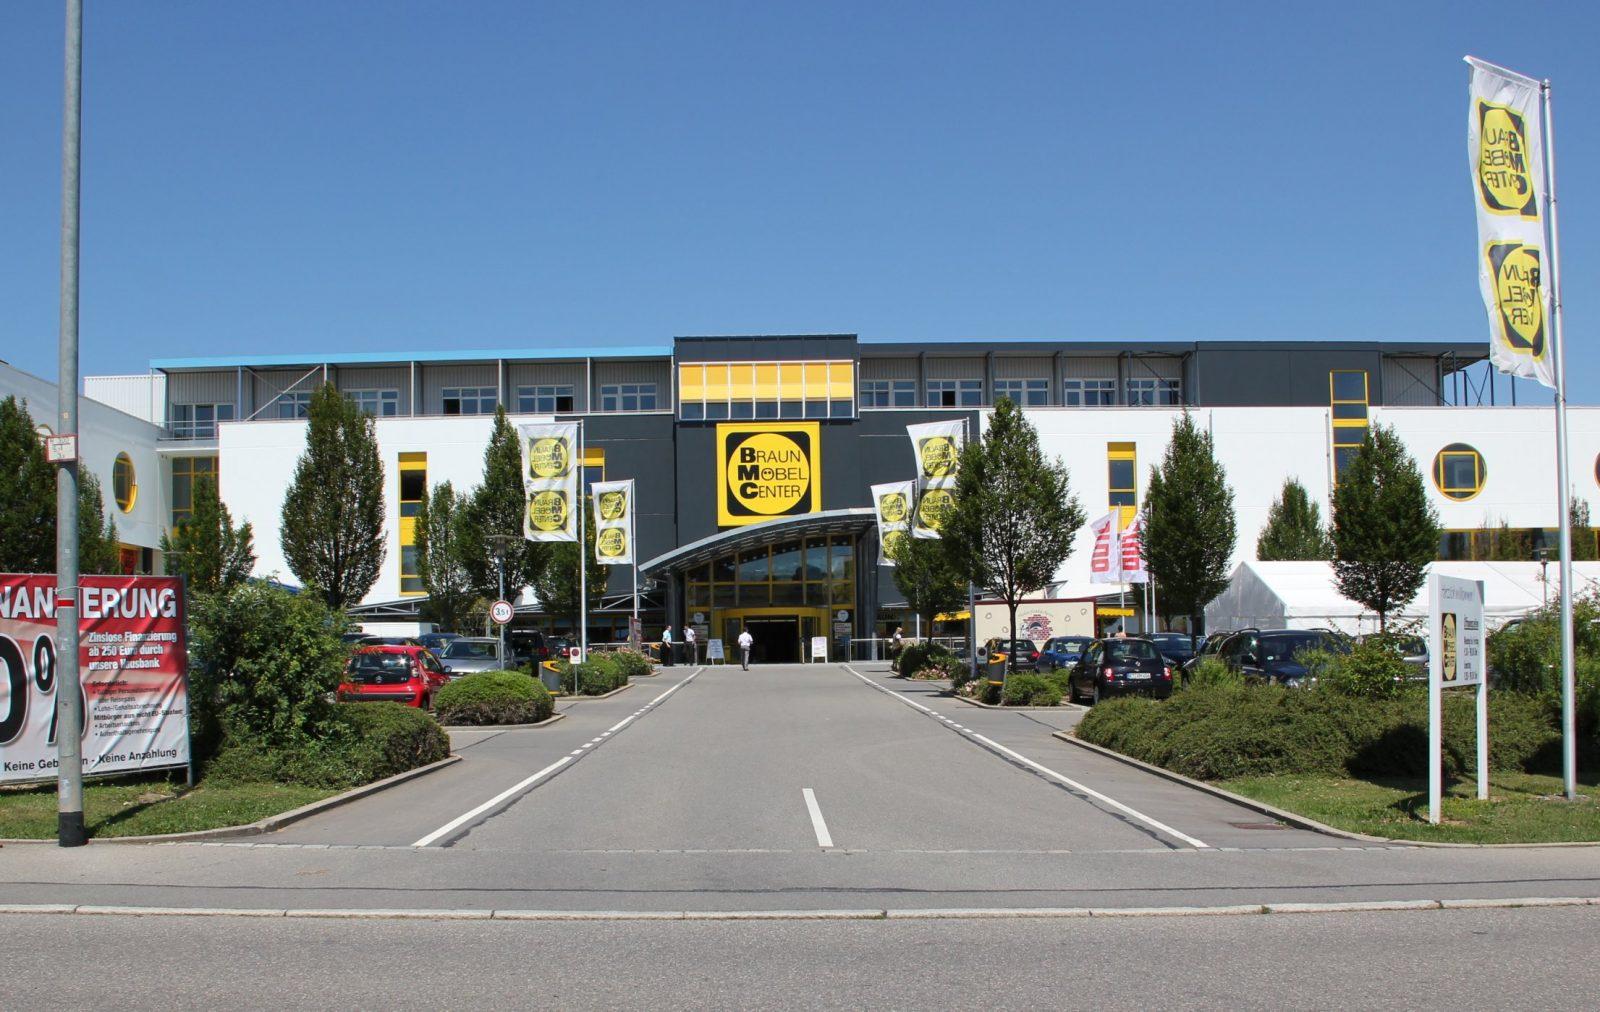 Extra Günstig Möbel Kaufen – Braun Möbelcenter von Holz Braun Reutlingen Öffnungszeiten Photo